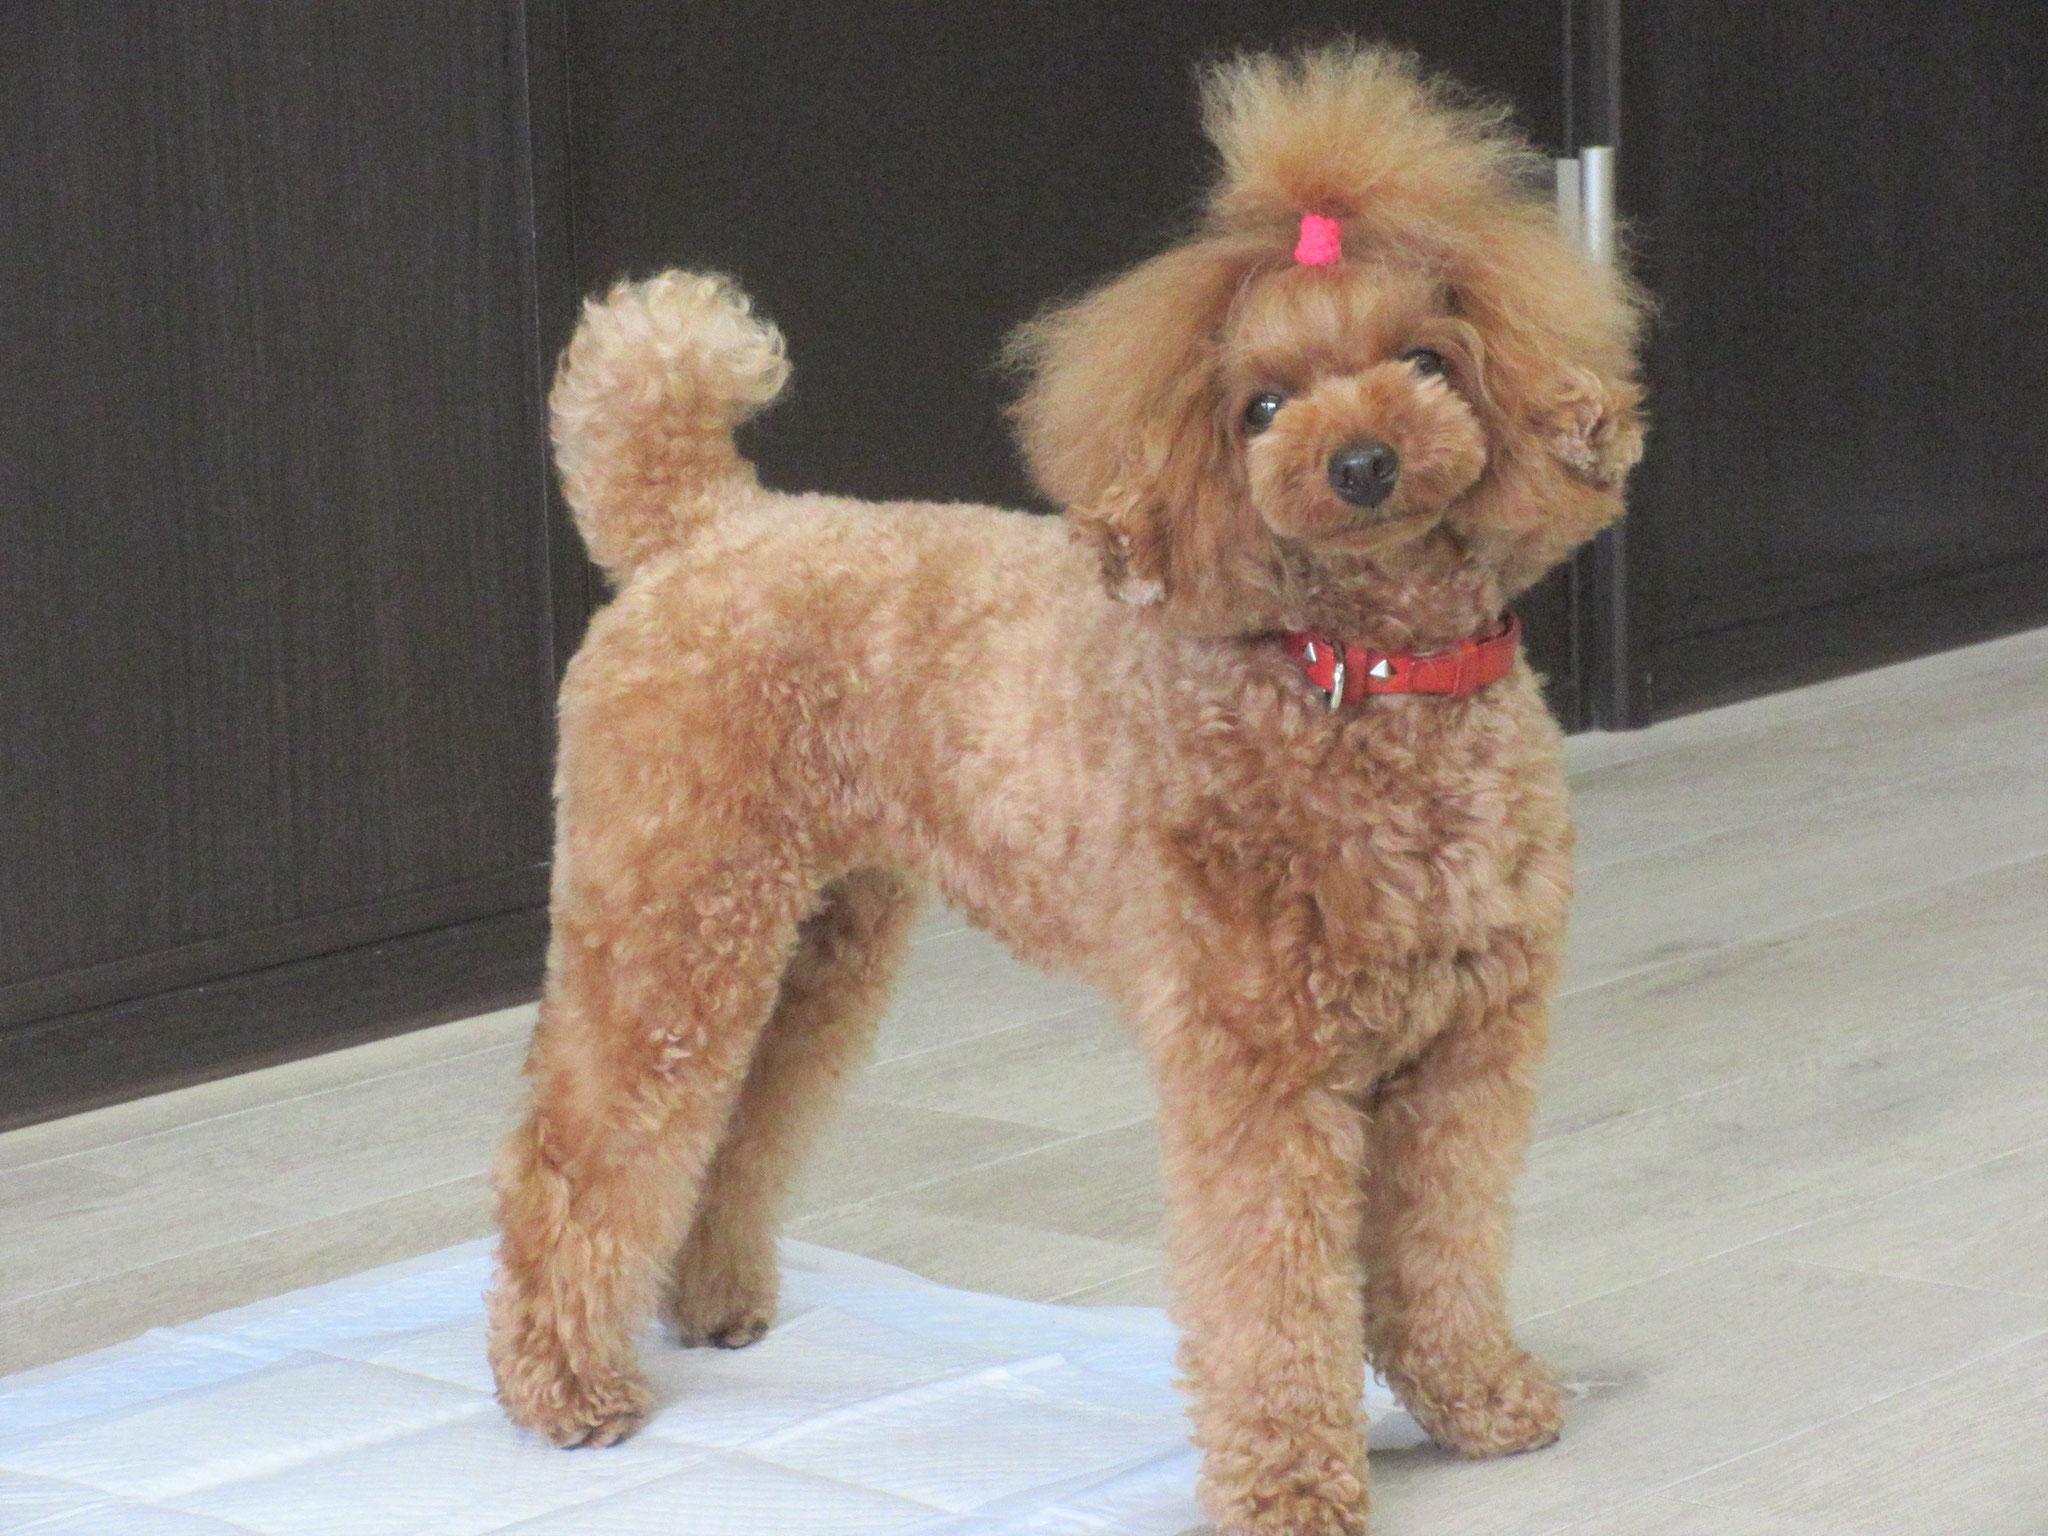 こむぎ(むぎ)ちゃん・犬の保育園Baby・犬・犬のしつけ・犬の社会化・習志野市・八千代市・船橋